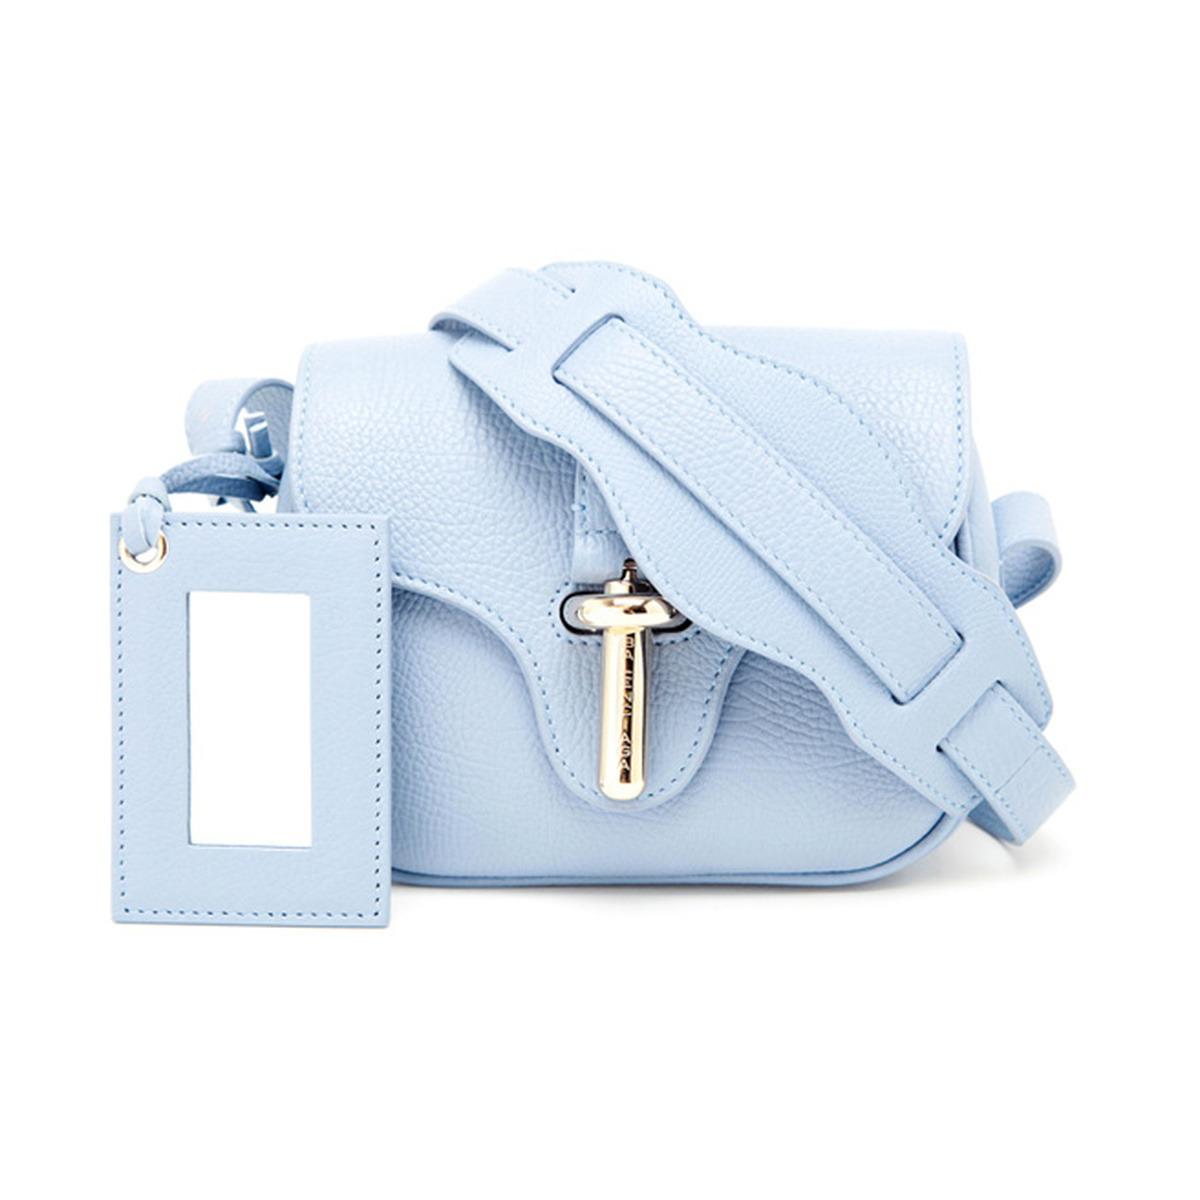 Льдисто-голубой цвет